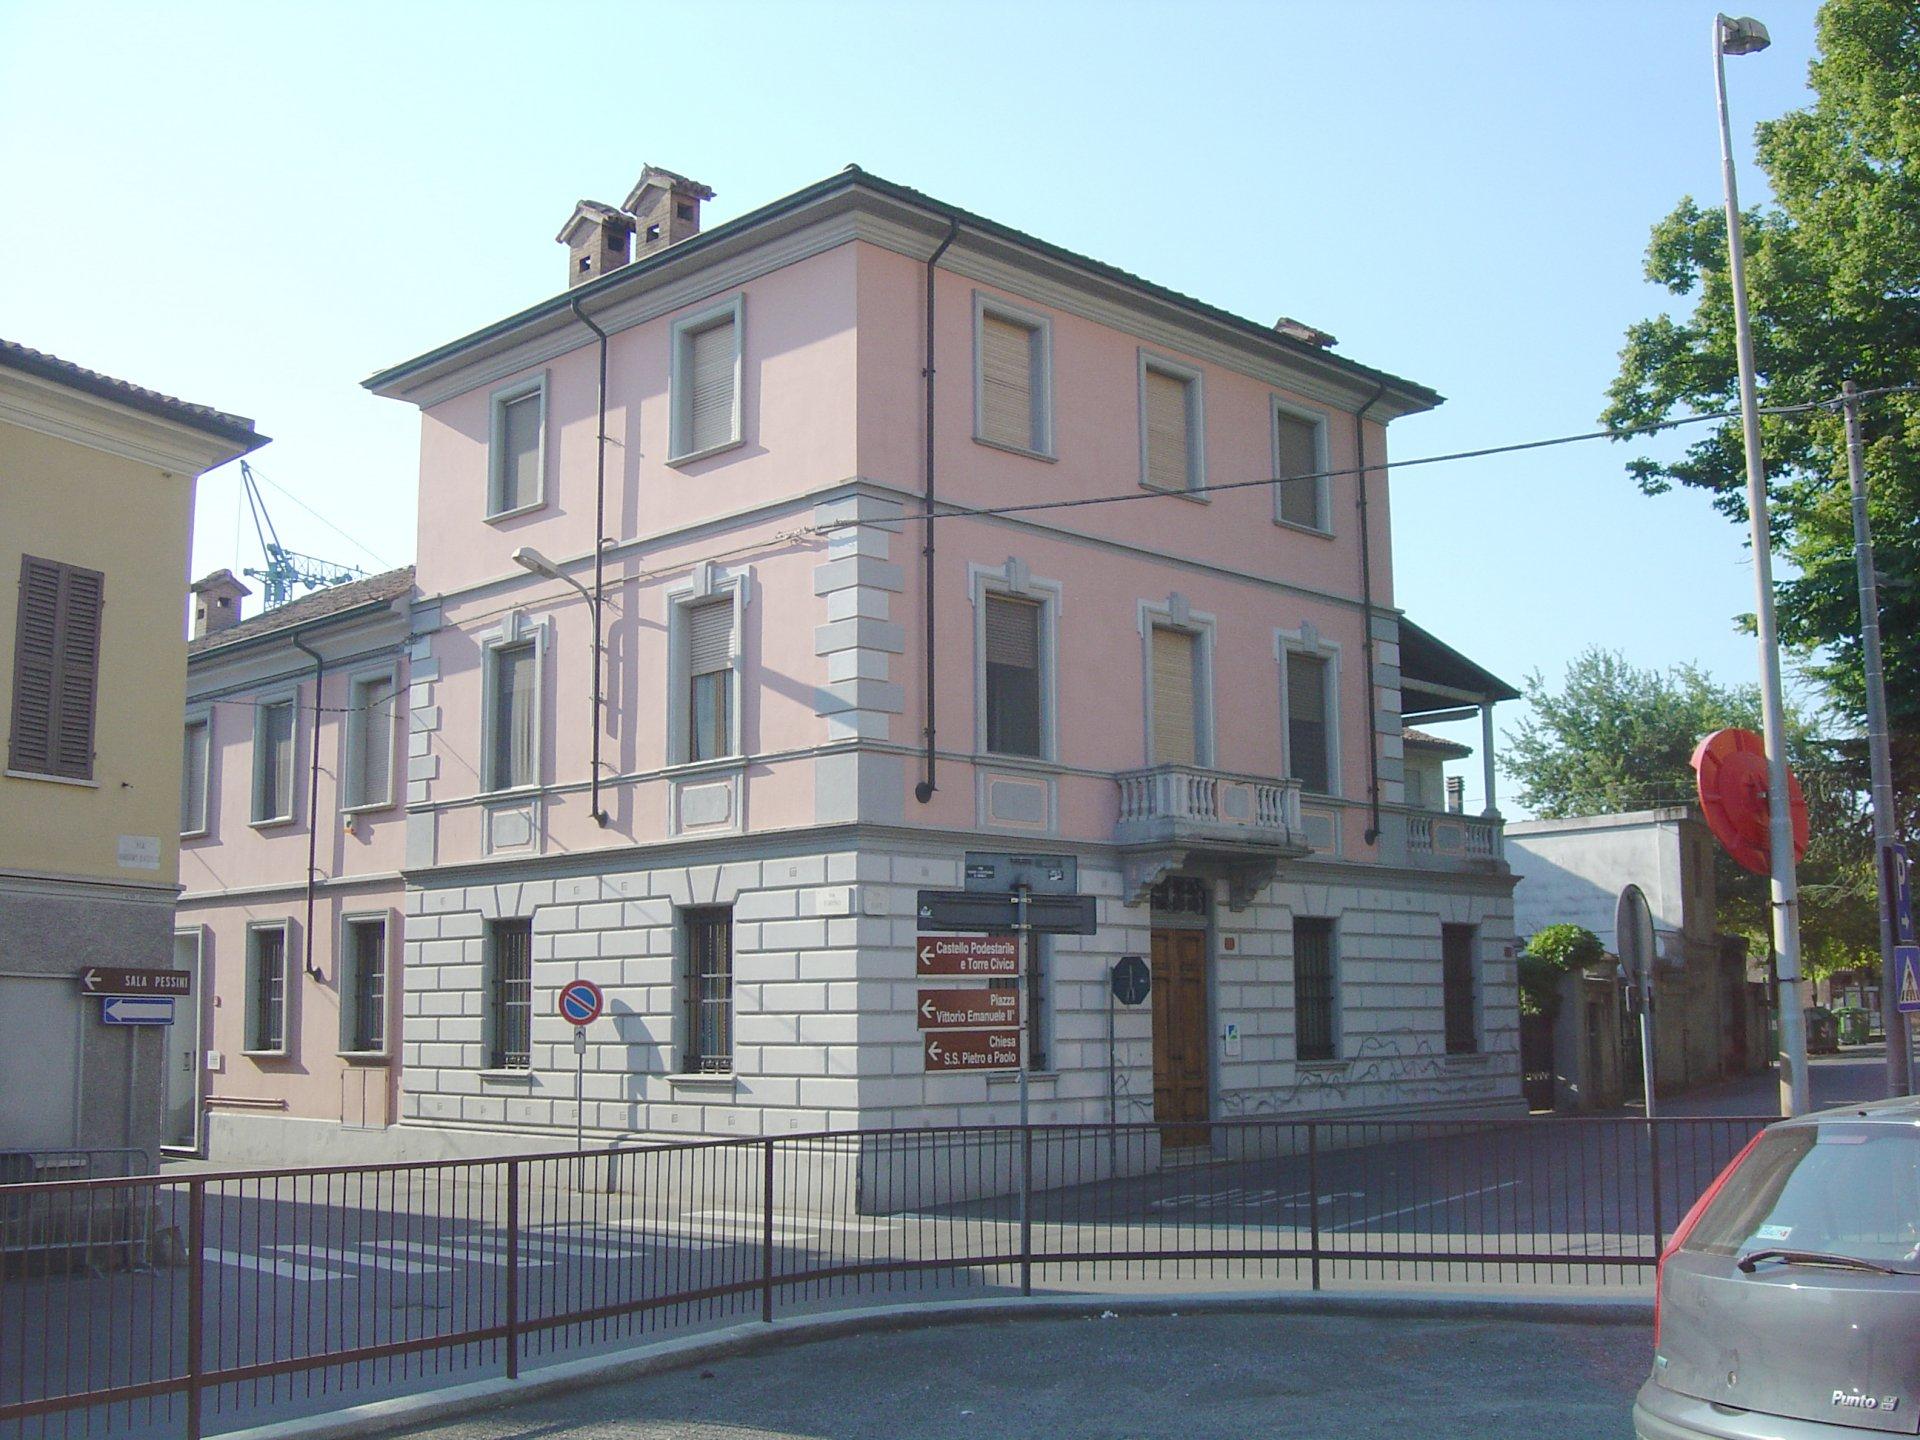 Villa in vendita nel centro di Castelnuovo Scrivia- parte anteriore immobile